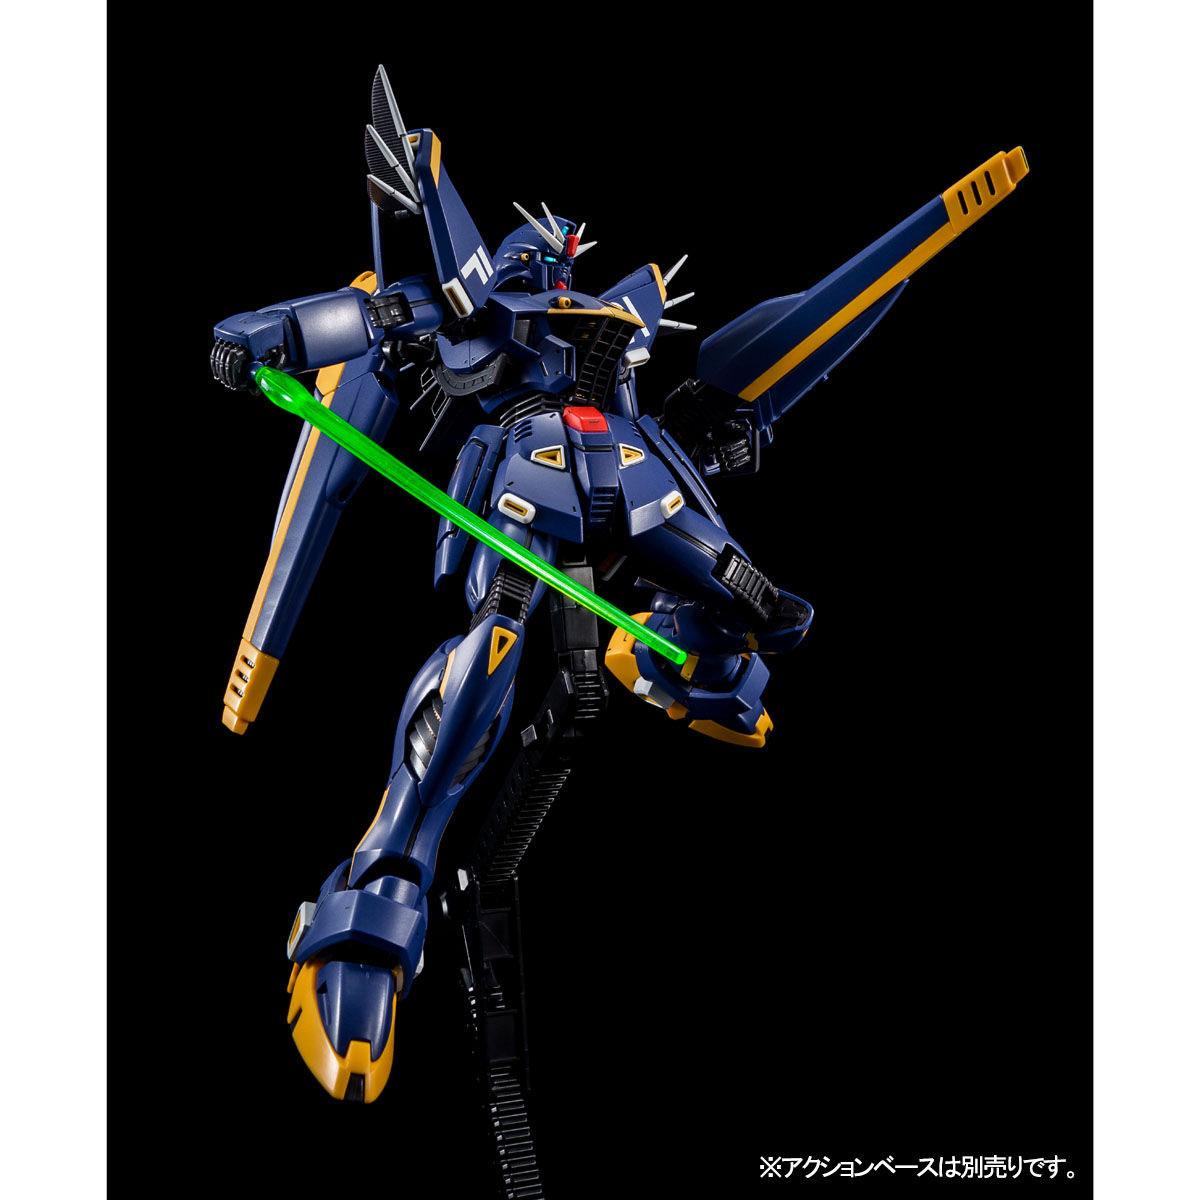 【限定販売】MG 1/100『ガンダムF91 Ver.2.0(ハリソン・マディン専用機)』プラモデル-006